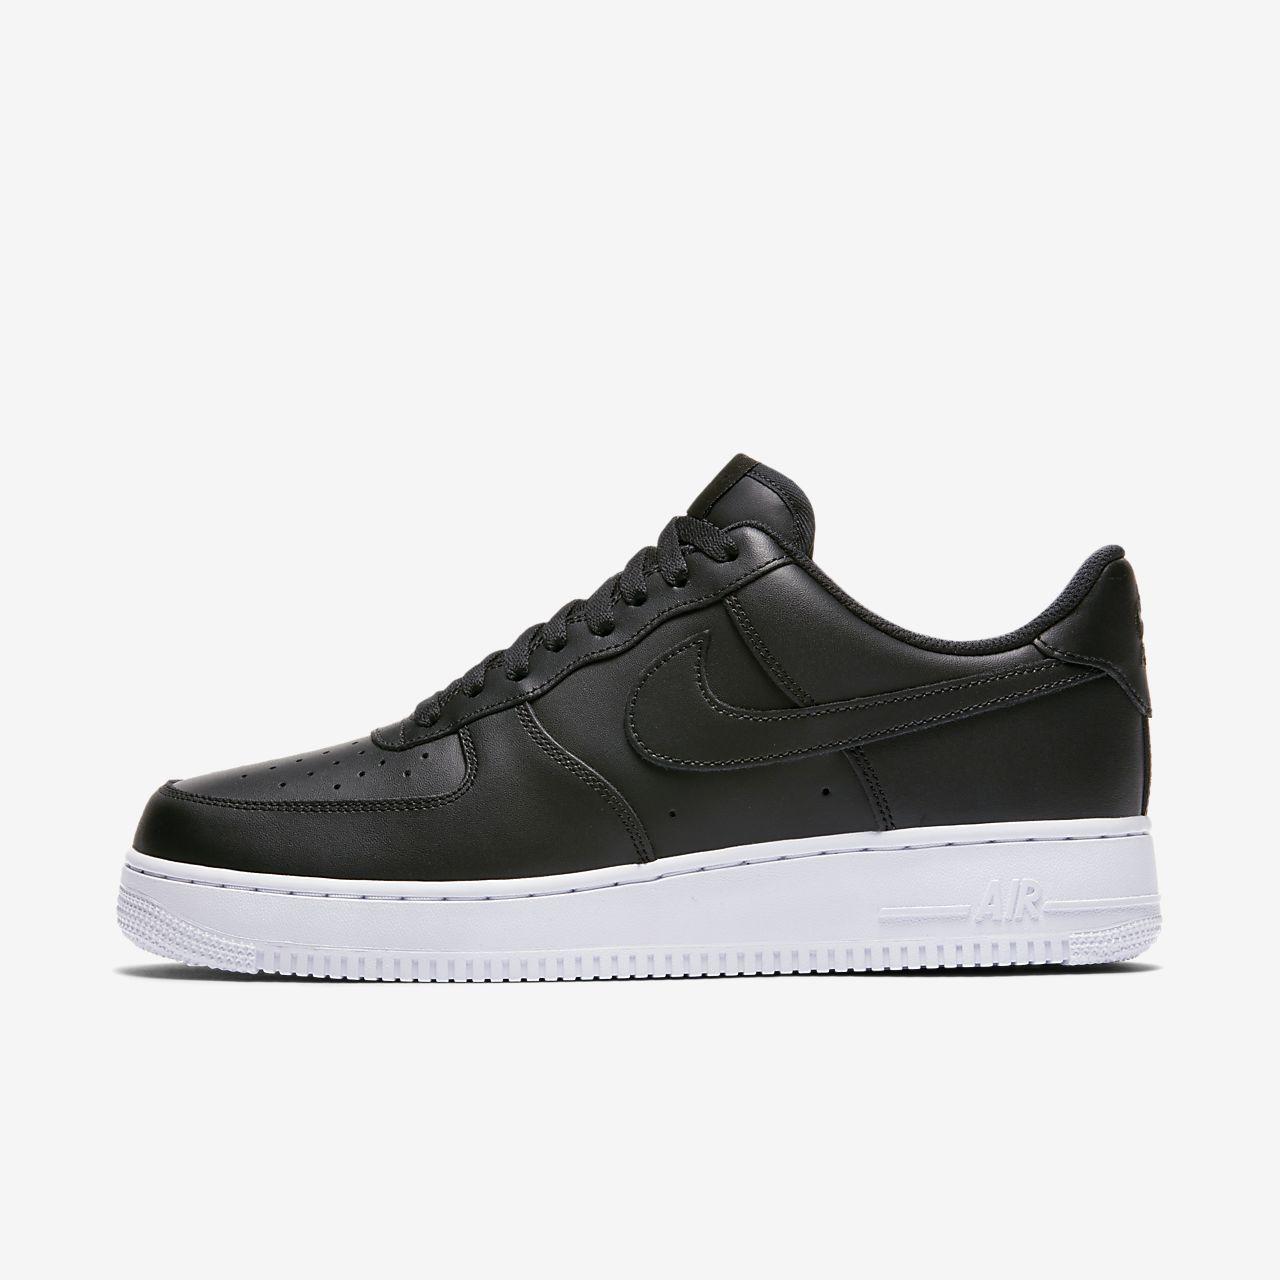 Nike Air Force 1 07 Men's Shoe